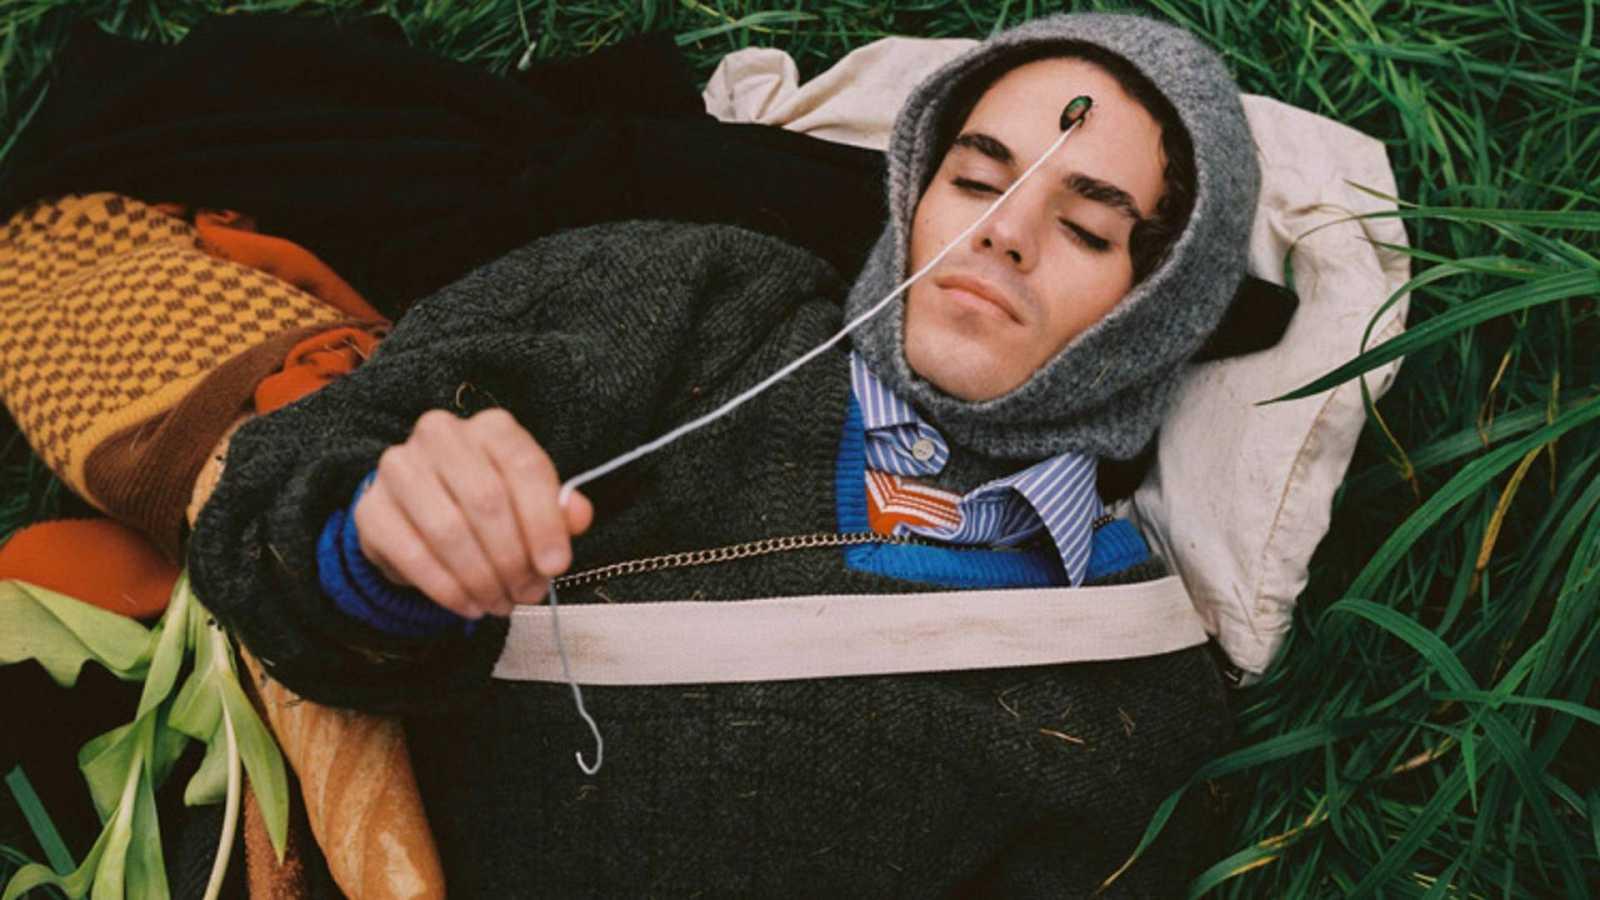 180 grados - Sen Senra, Julien Baker y Death Cab For Cutie - 19/03/21 - escuchar ahora